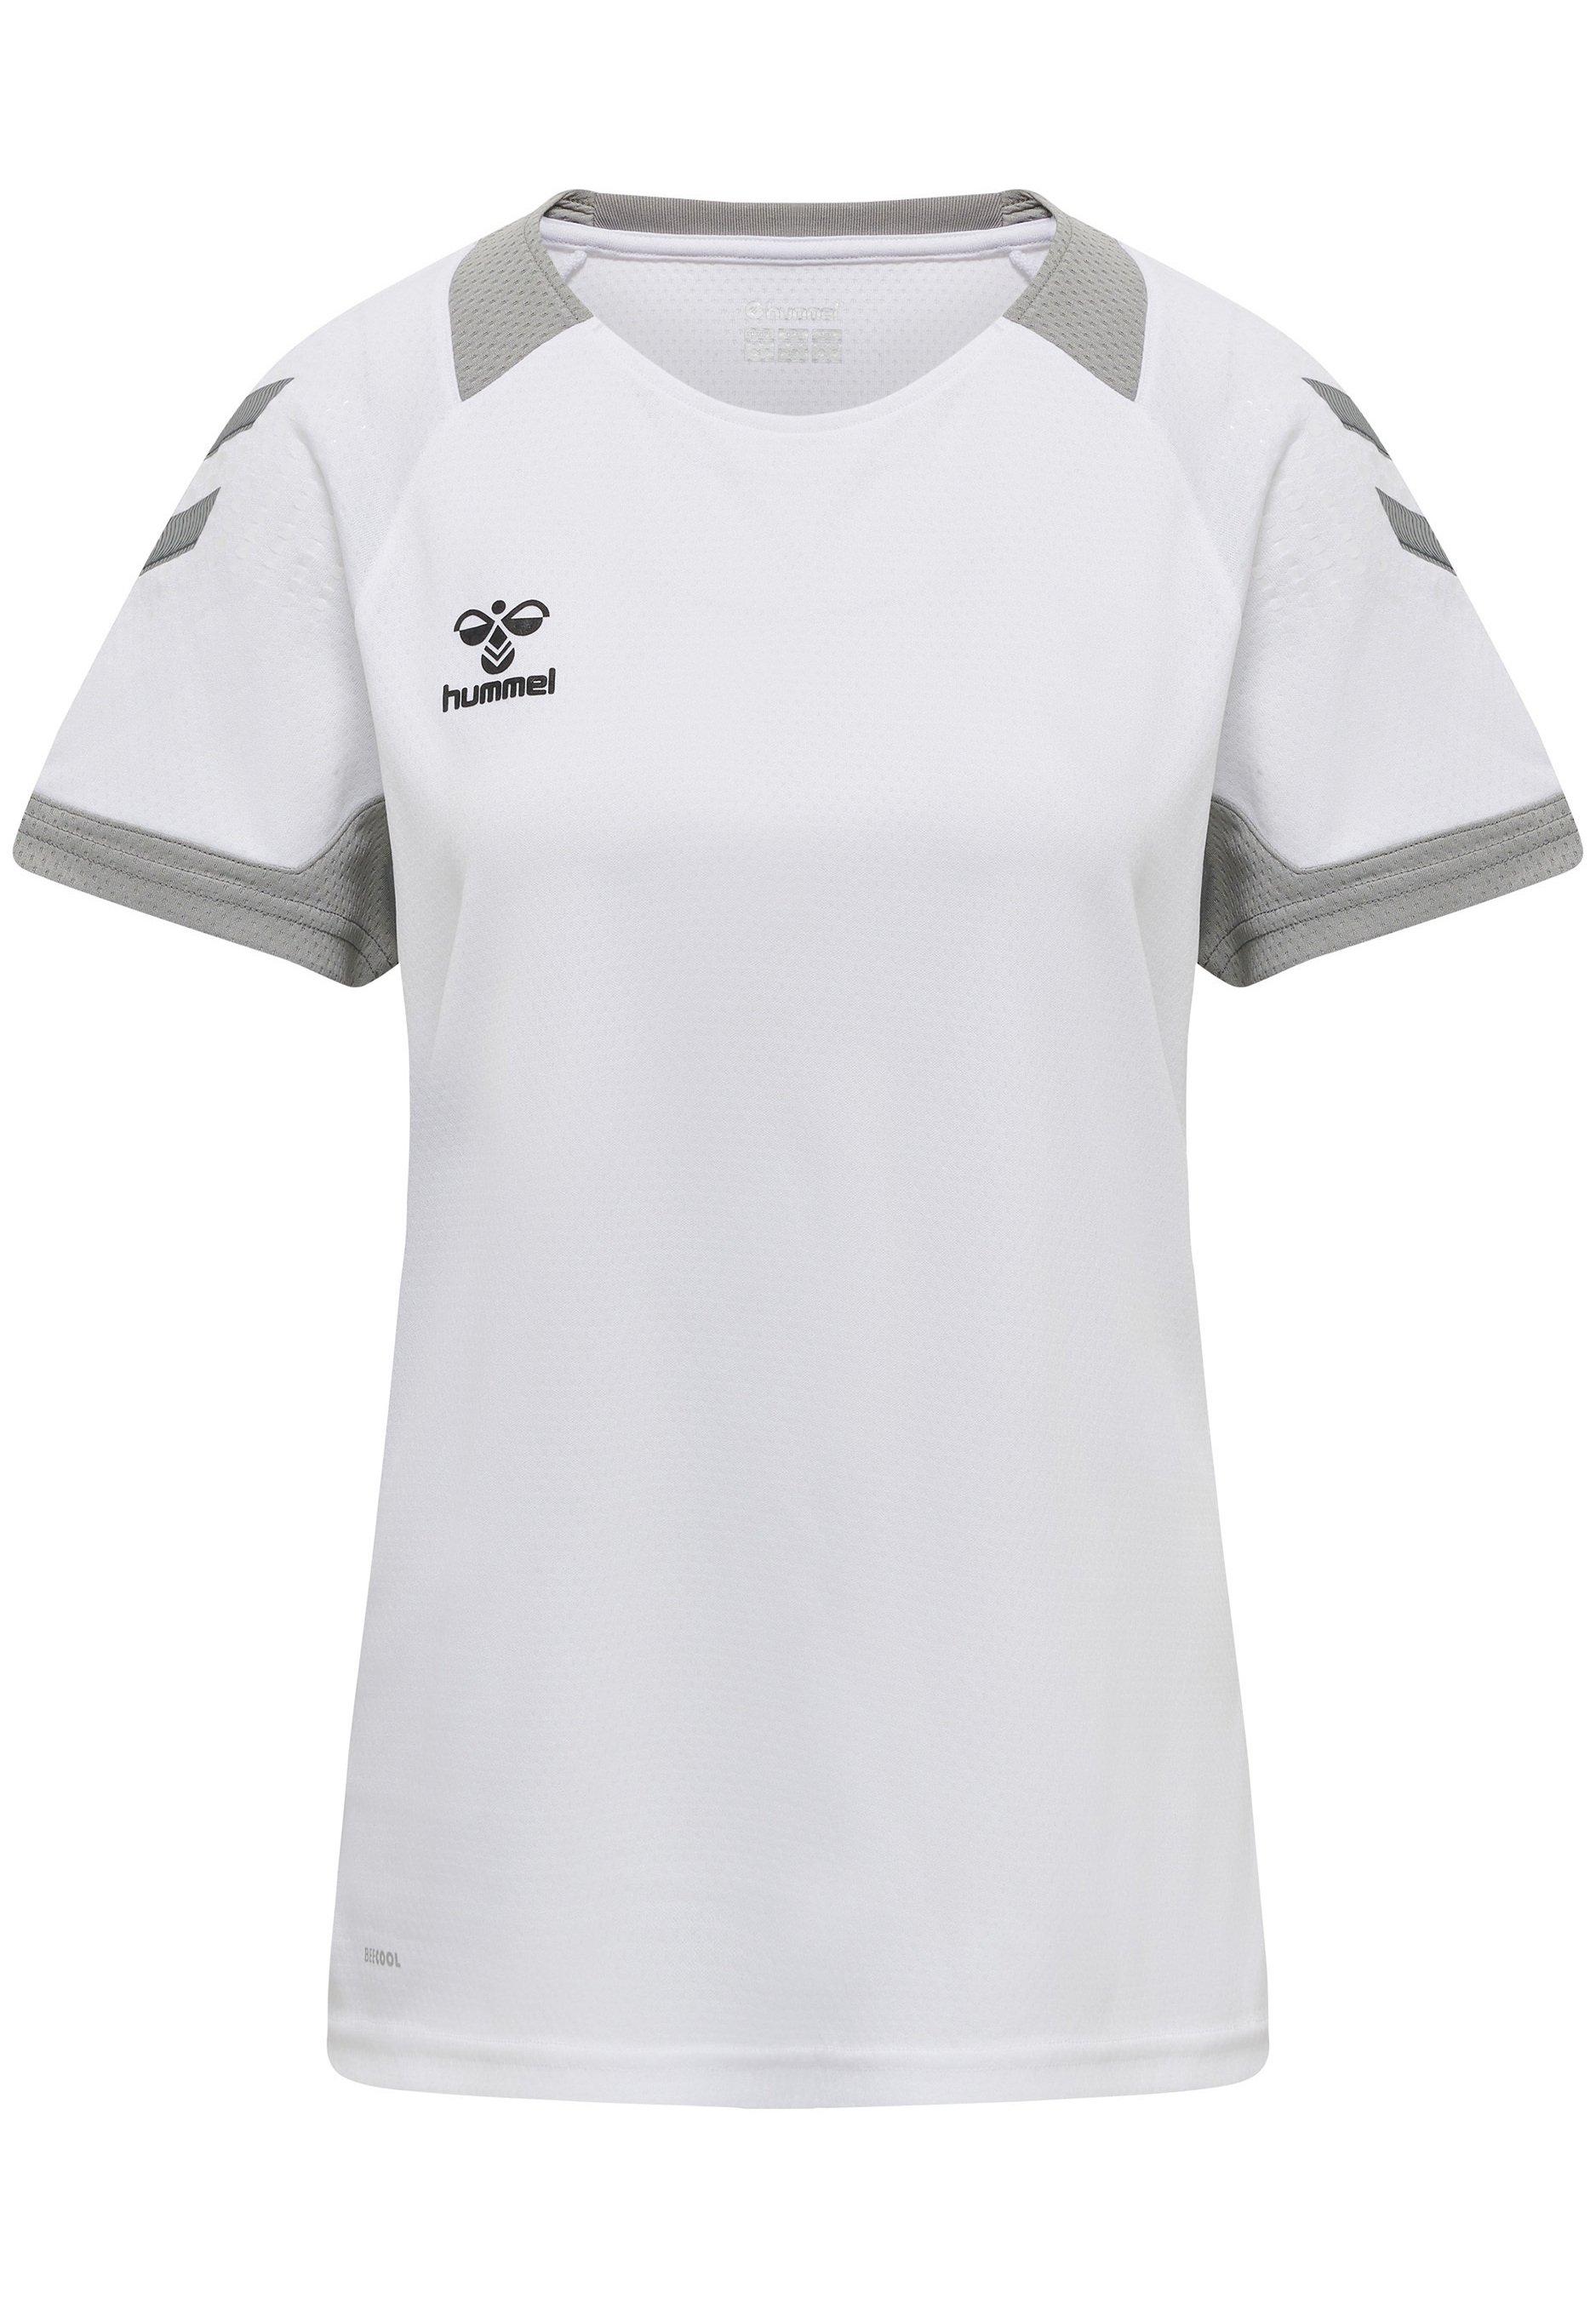 Femme LEAD WOMEN - T-shirt imprimé